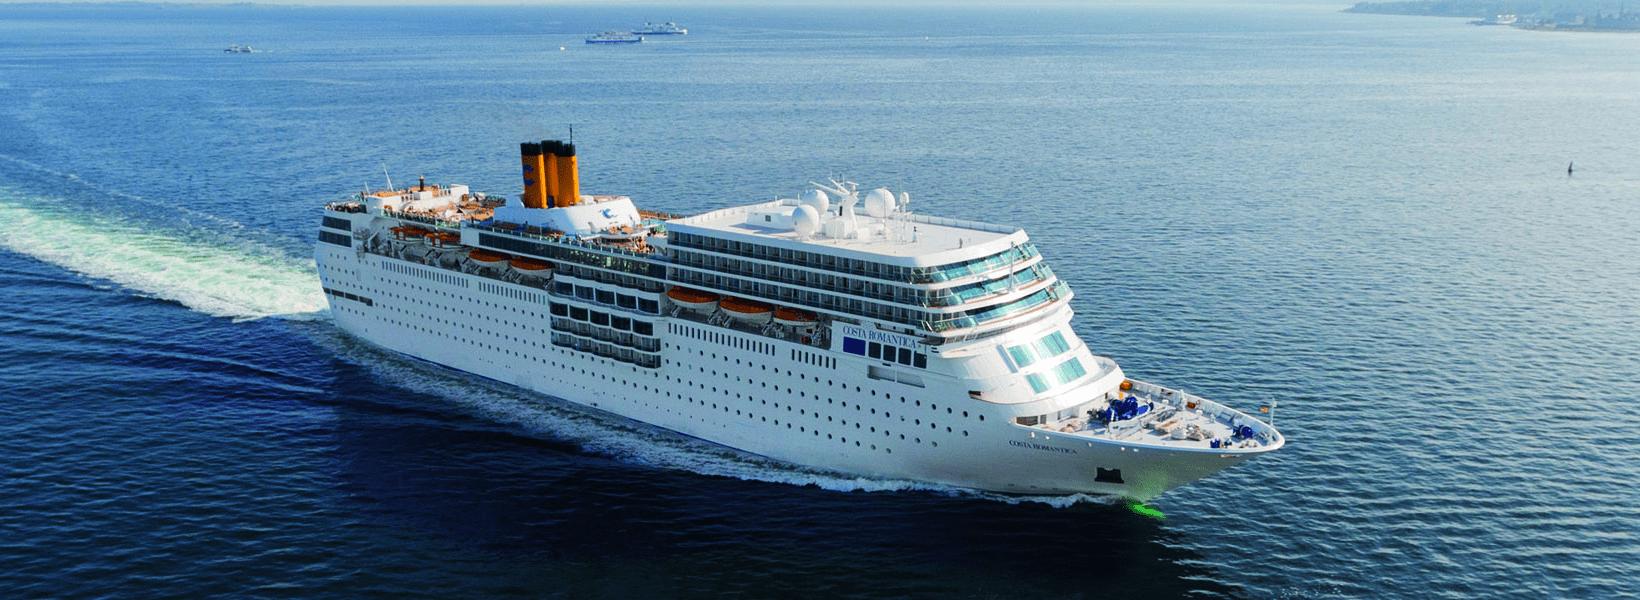 Blick auf das Costa Kreuzfahrtschiff neoRomantica